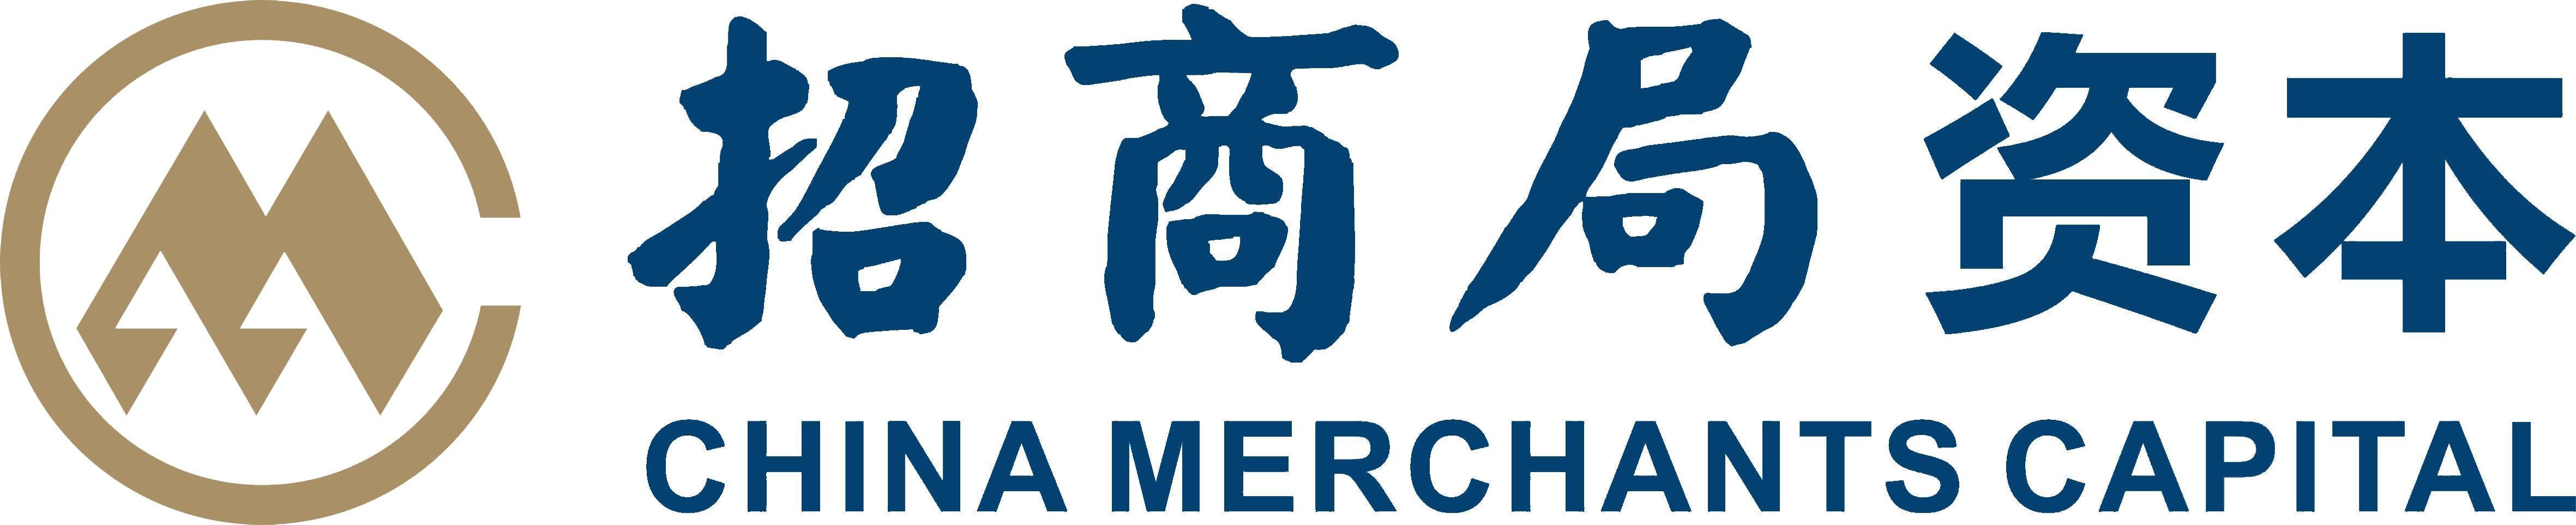 China Merchants Capital company logo